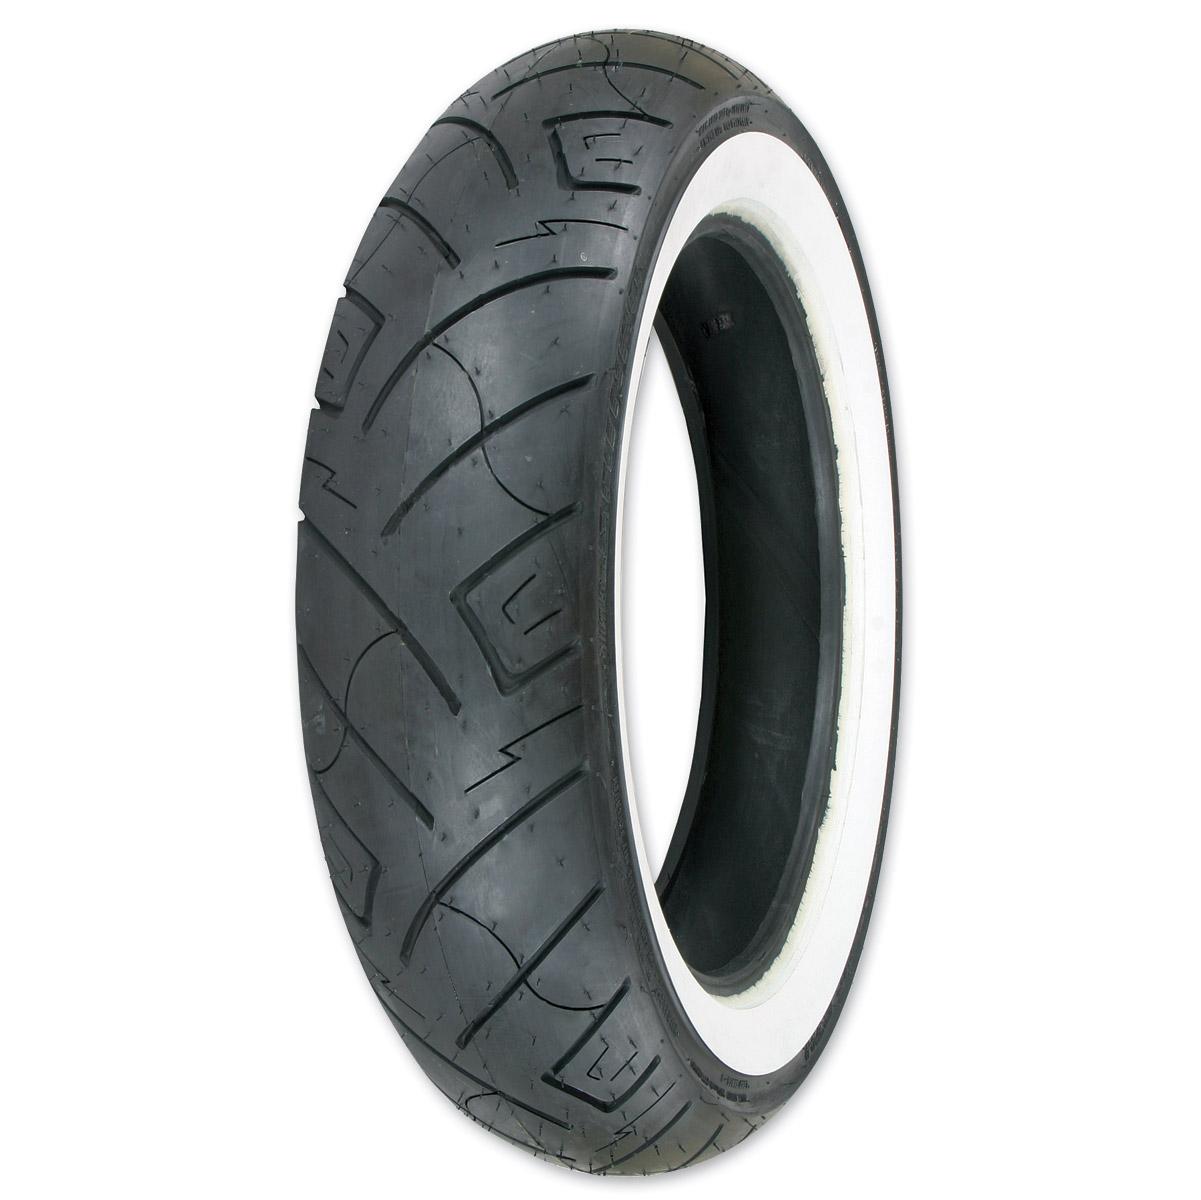 Shinko 777 150/80-16 Wide Whitewall Rear Tire